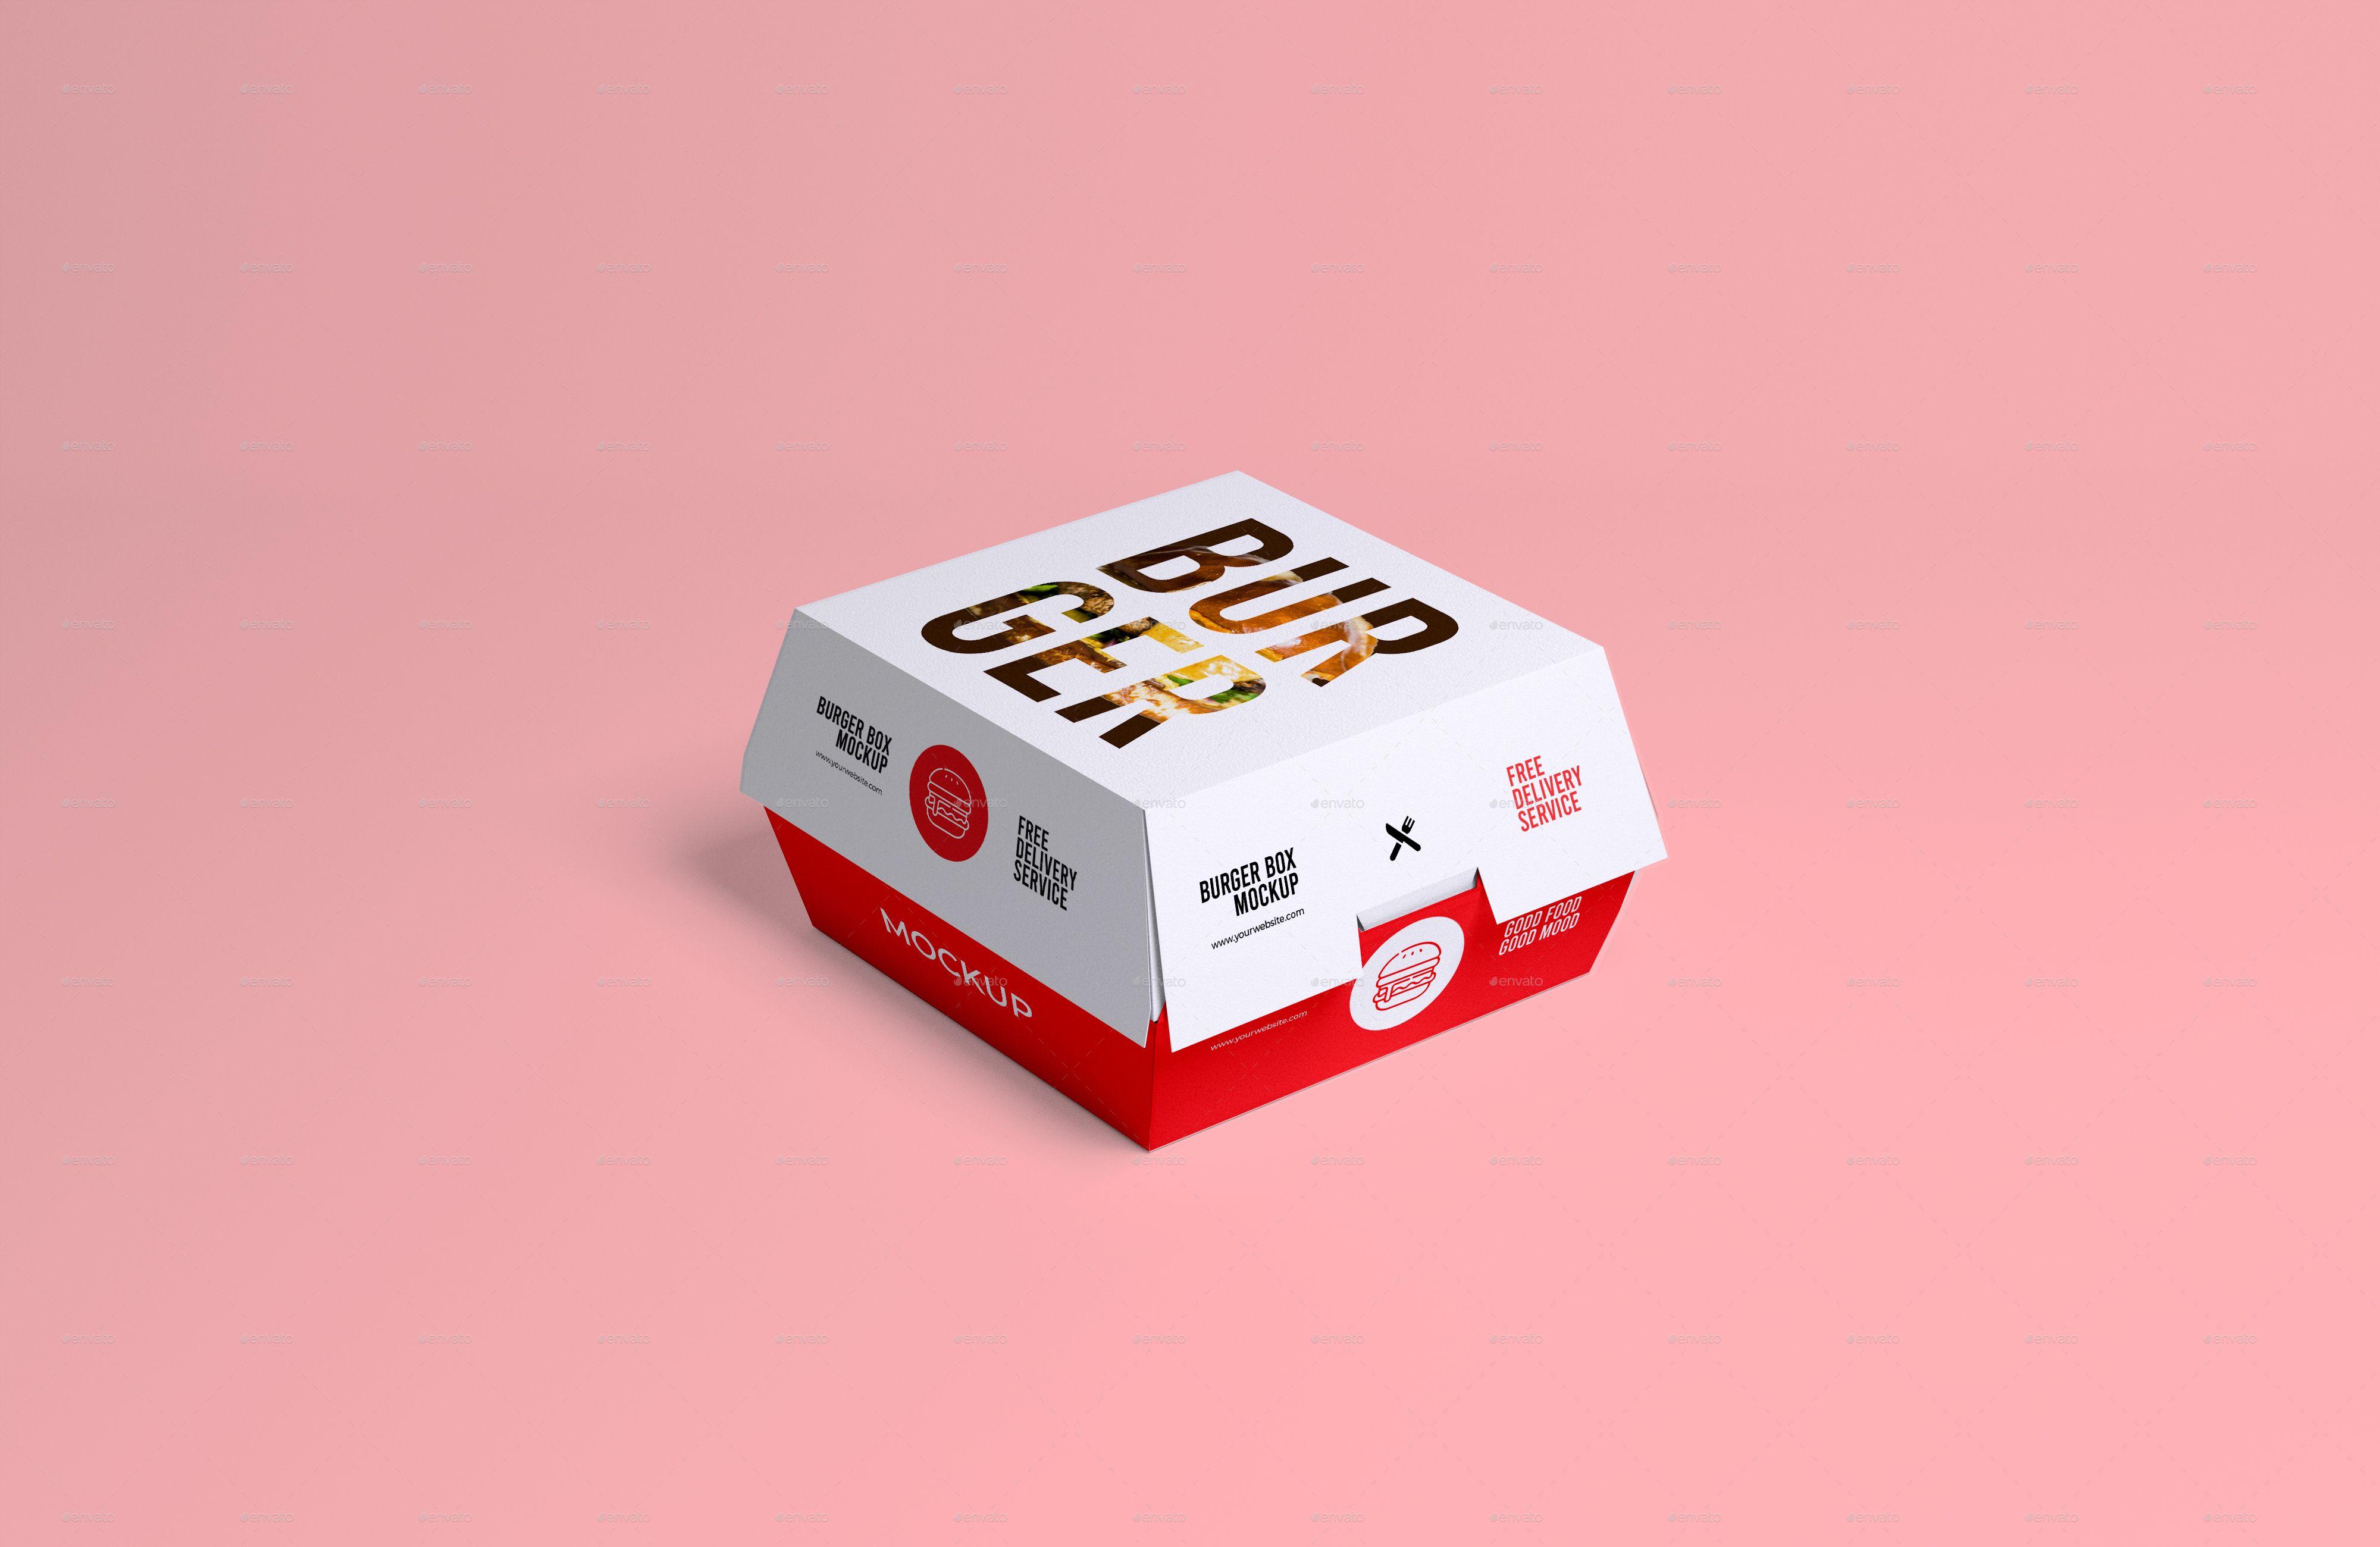 Download Mockup Burger Box Psd Mockup Design Burger Box Mockup Templates